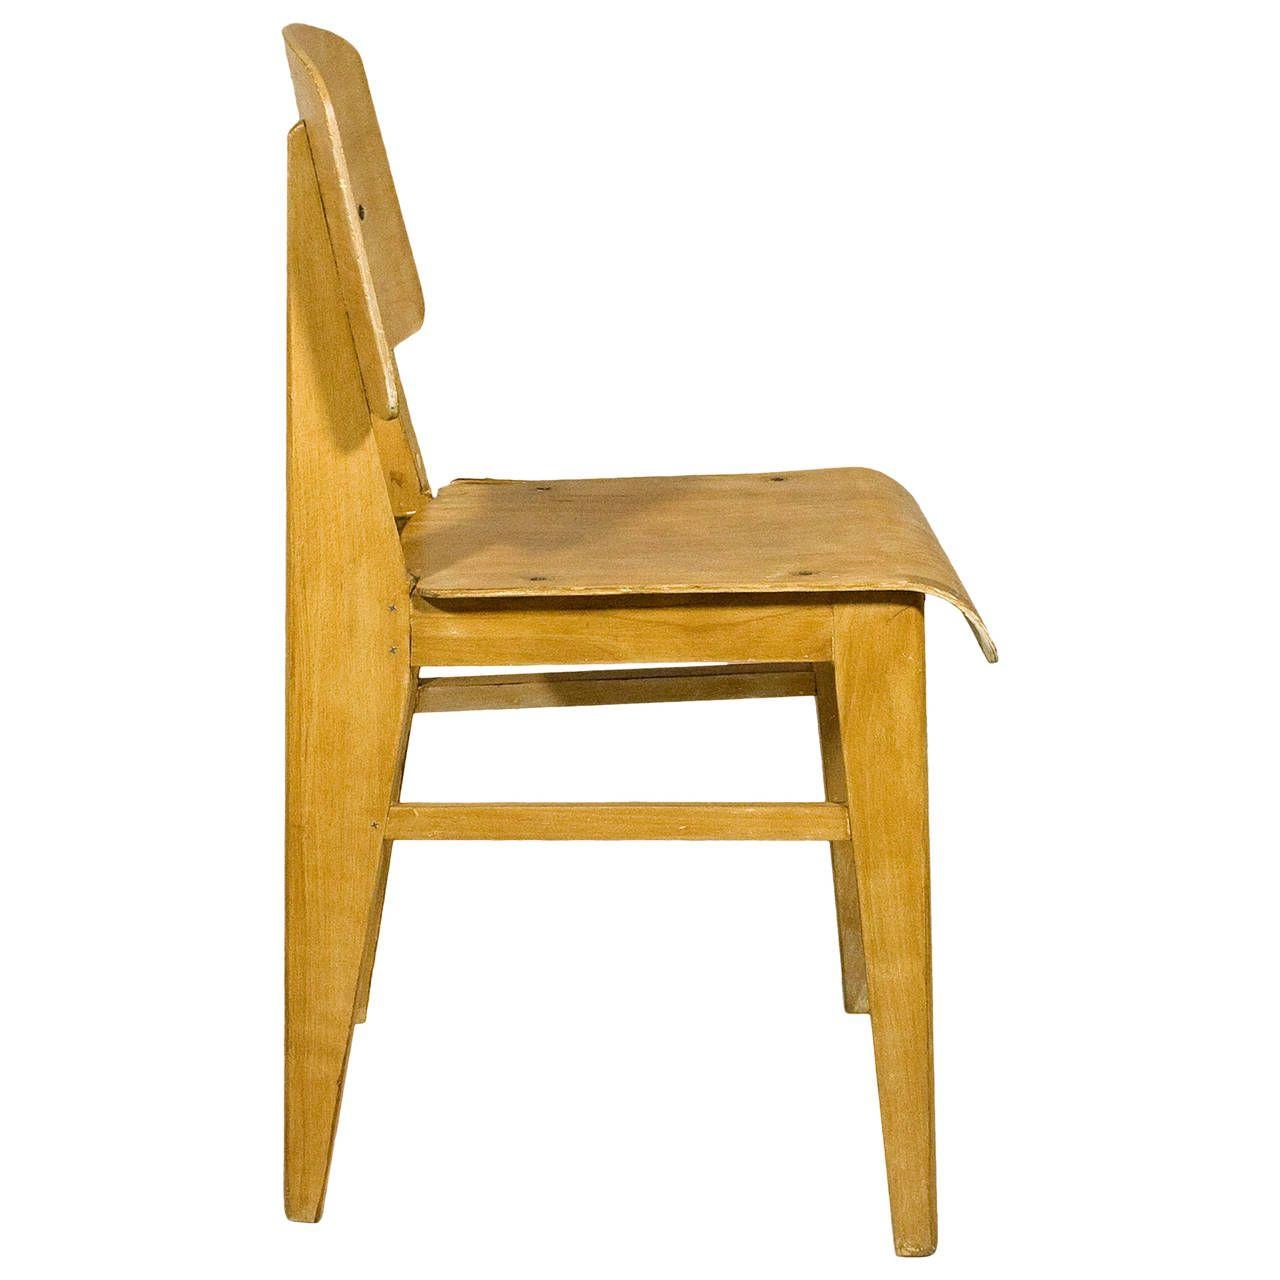 Jean Prouve Chaise En Bois Wooden Standard Chair Circa 1940